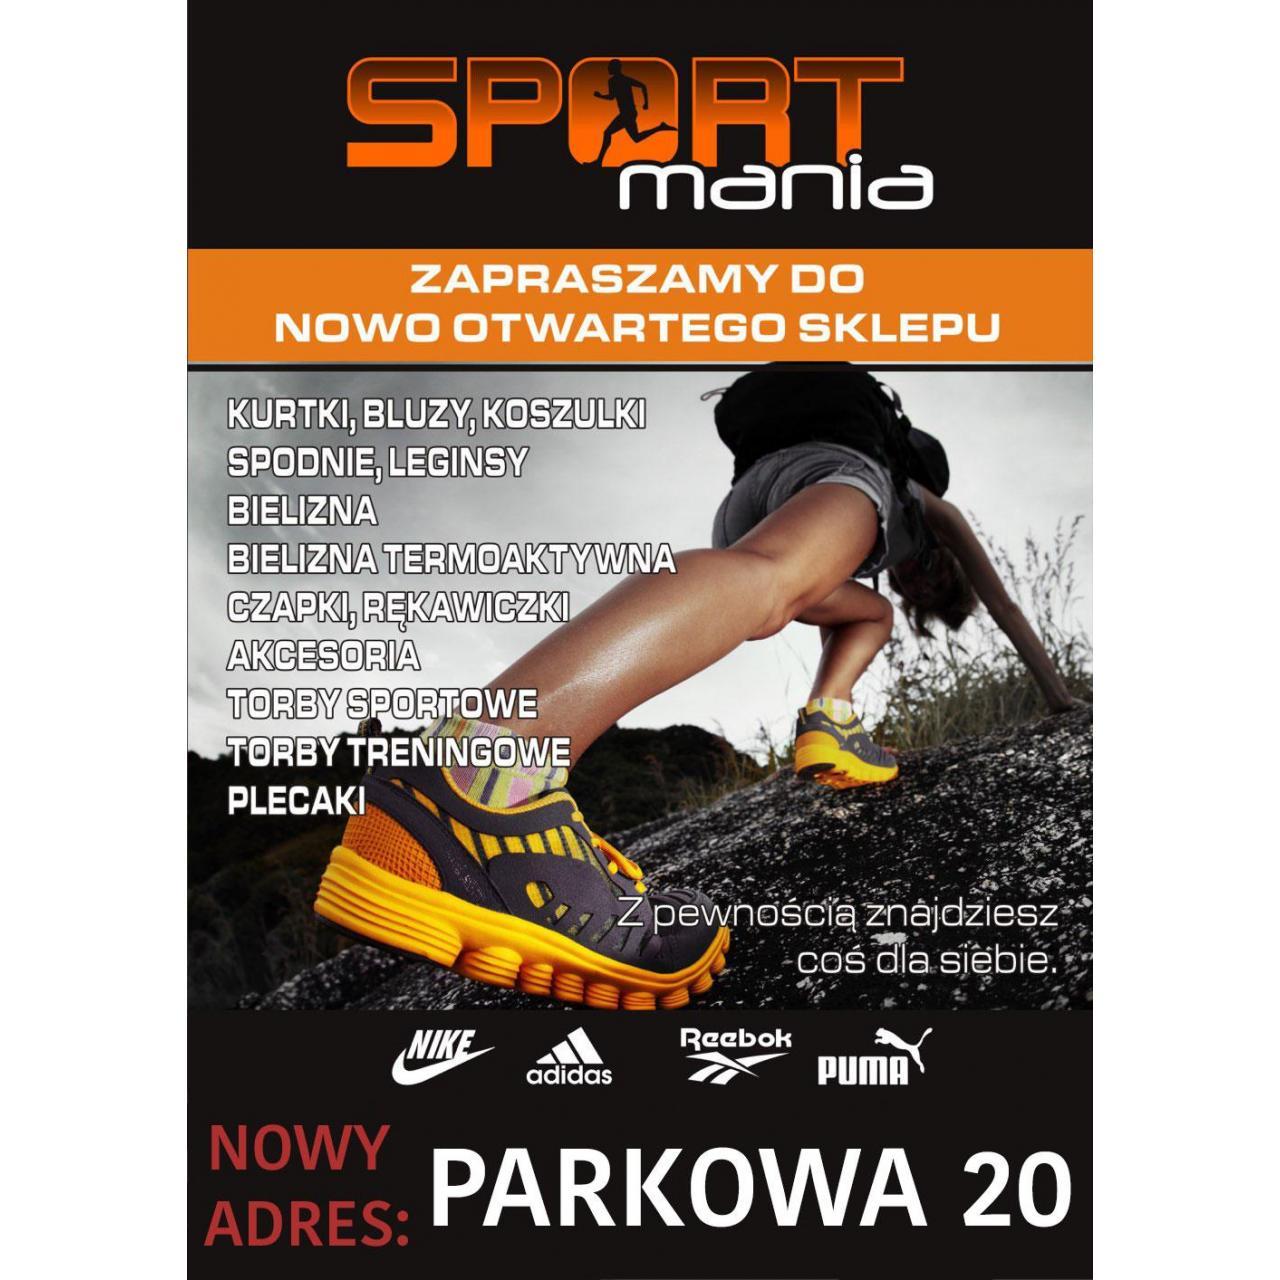 Sportmania - sklep sportowy